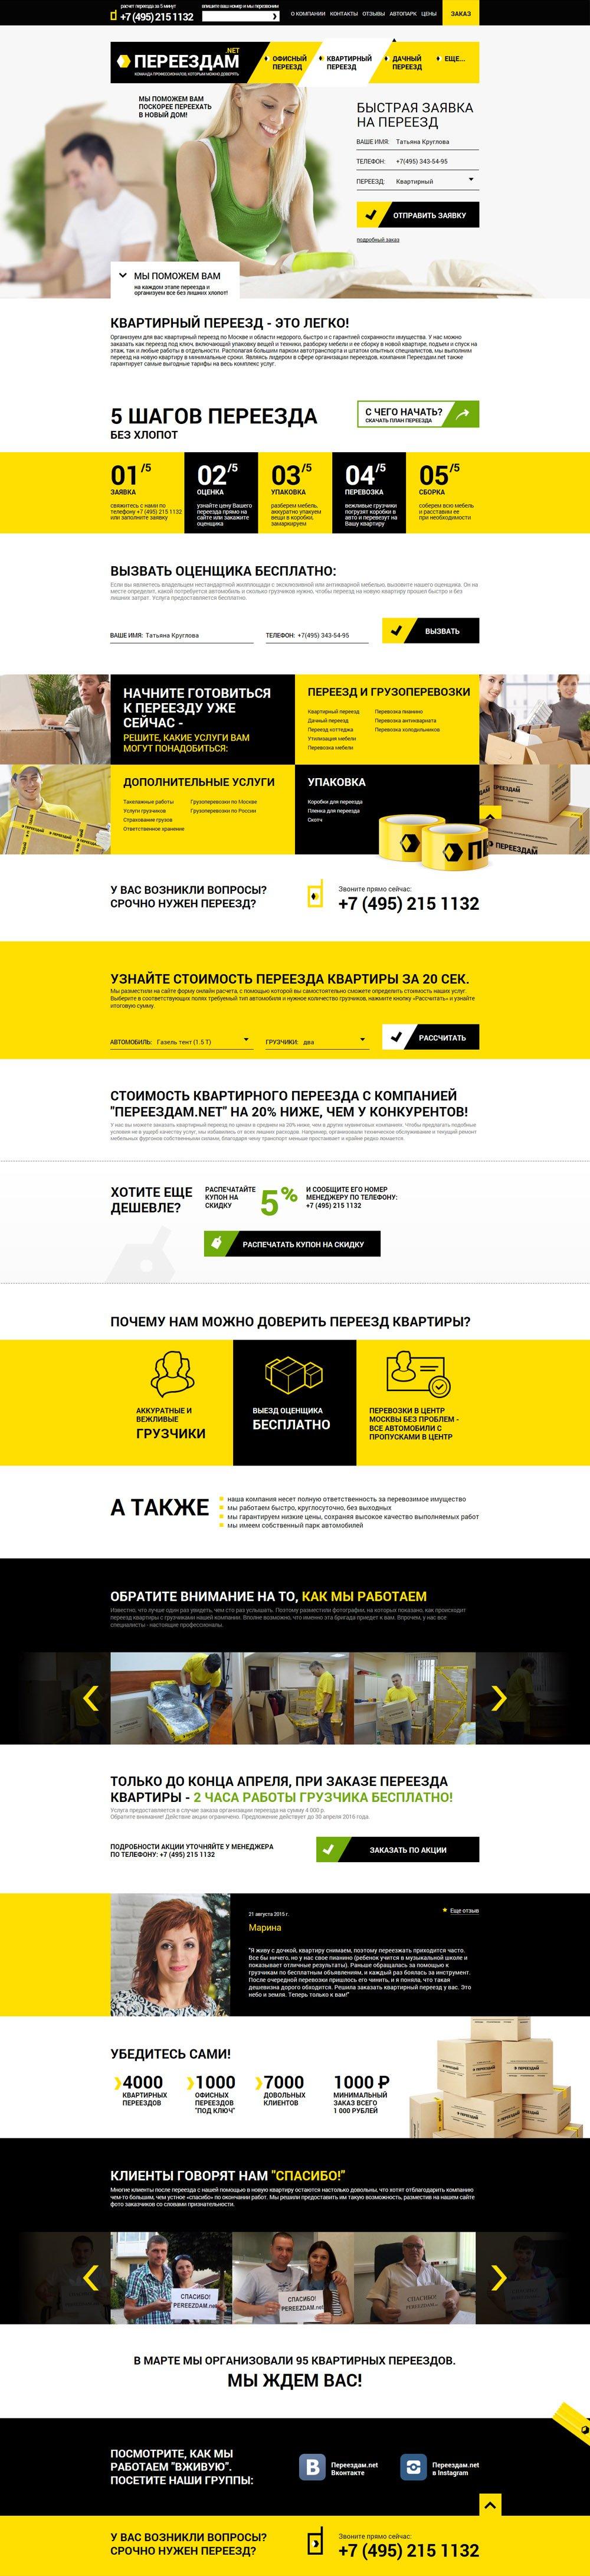 Страница Квартирный переезд мувинговой компании Pereezdam.net